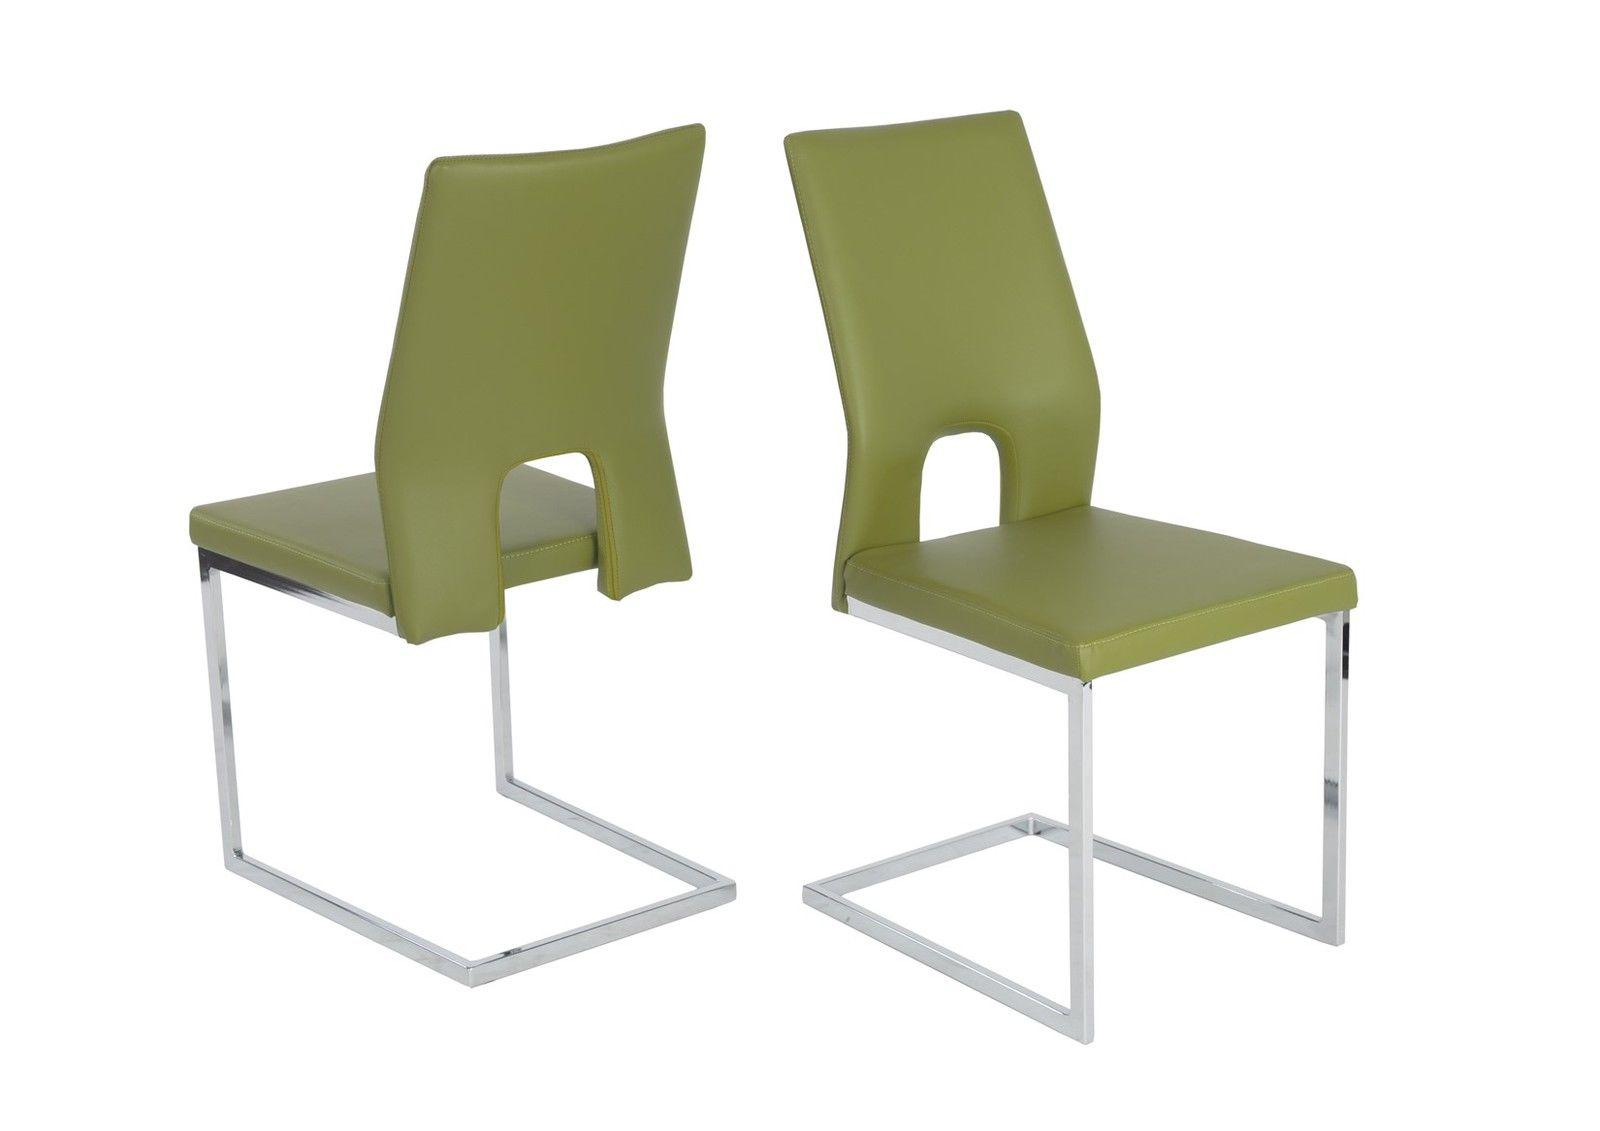 Esszimmerstühle Stühle Freischwinger 4er Set LAURO Kunstleder Grün 1 ...